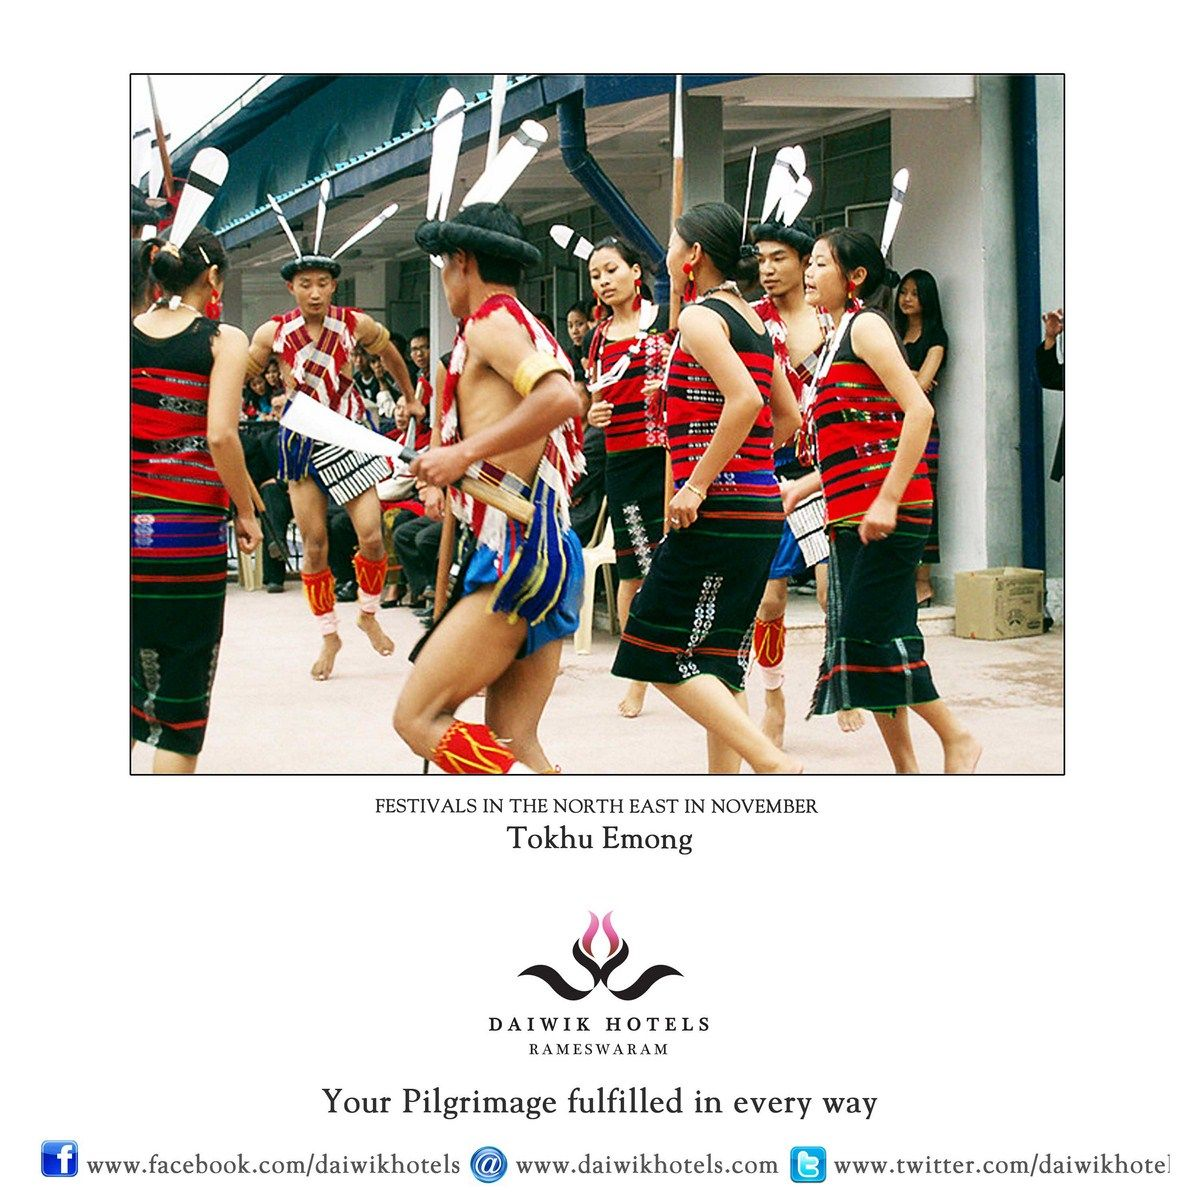 Toku emog november 2013 in mizoram thalfavang kut is celebrated before the sowing season